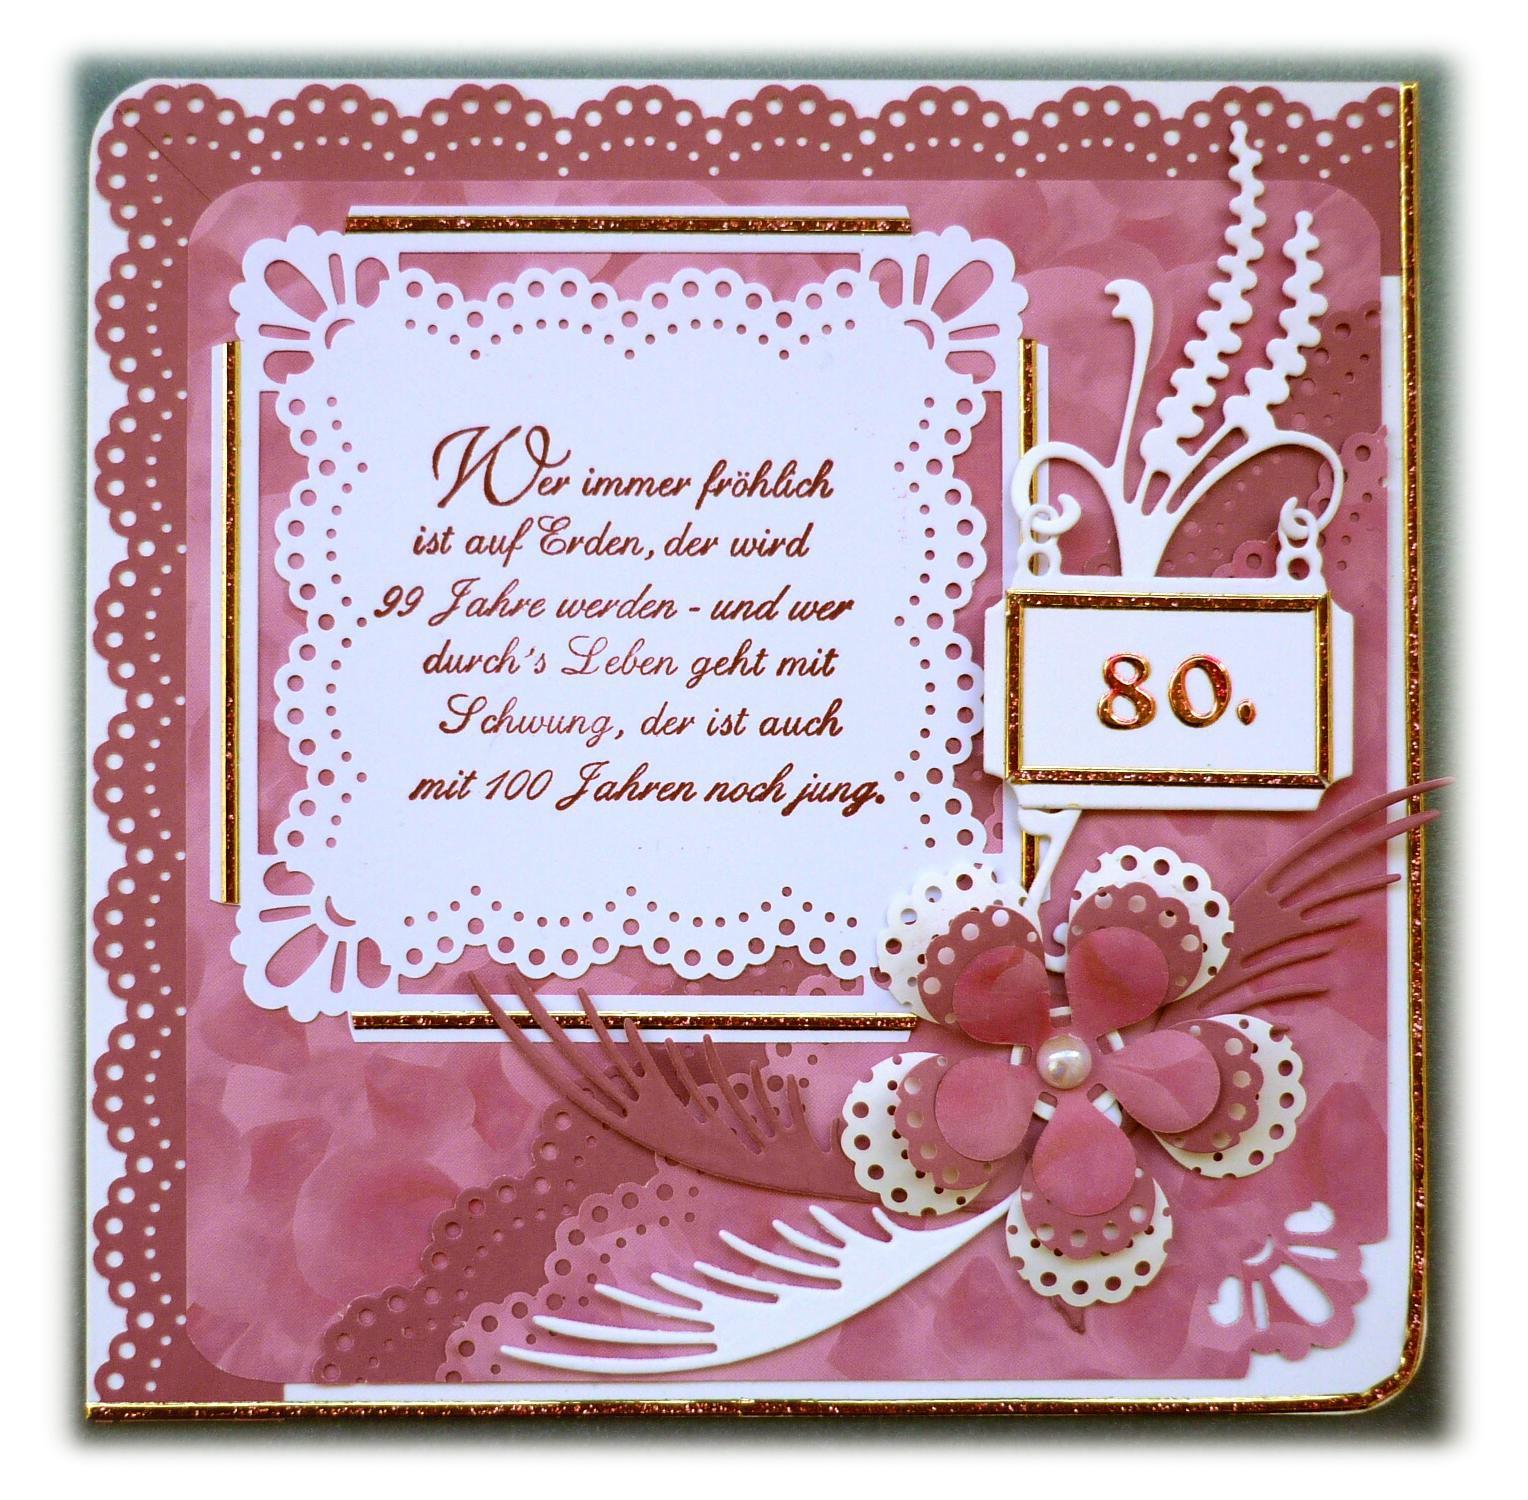 einladung zum 80 geburtstag : einladung zum 80. geburtstag, Einladung